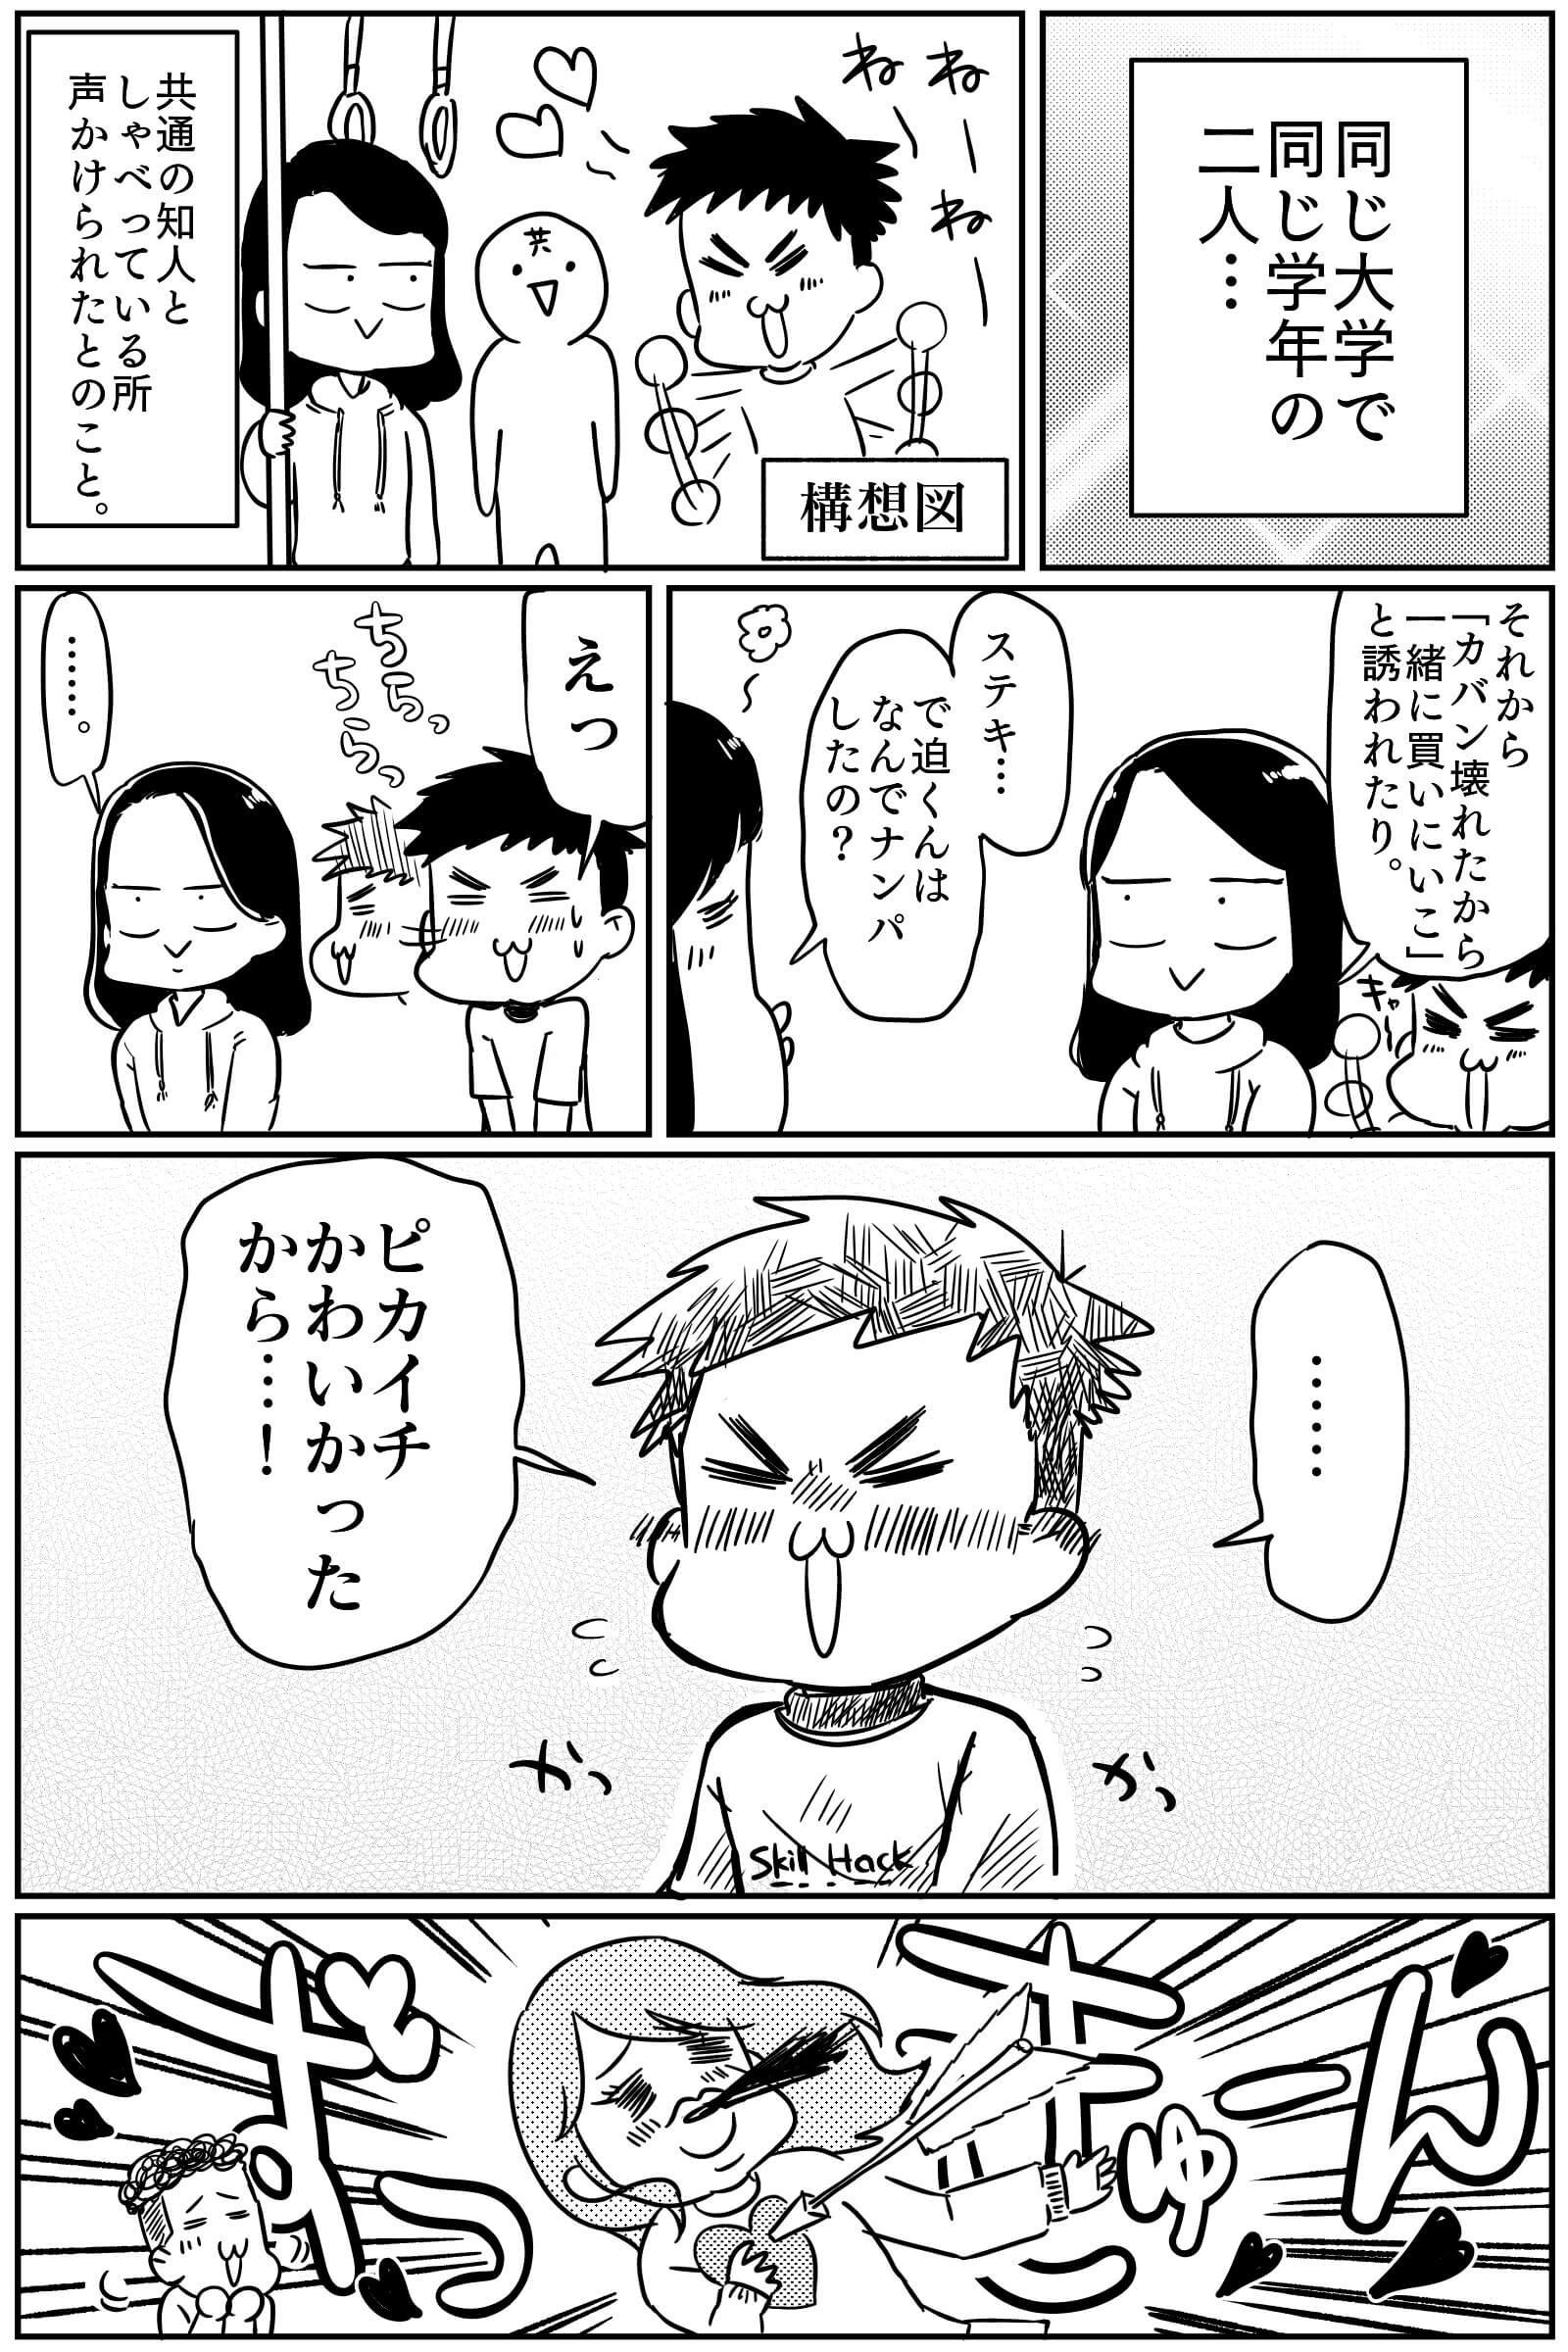 迫君漫画5